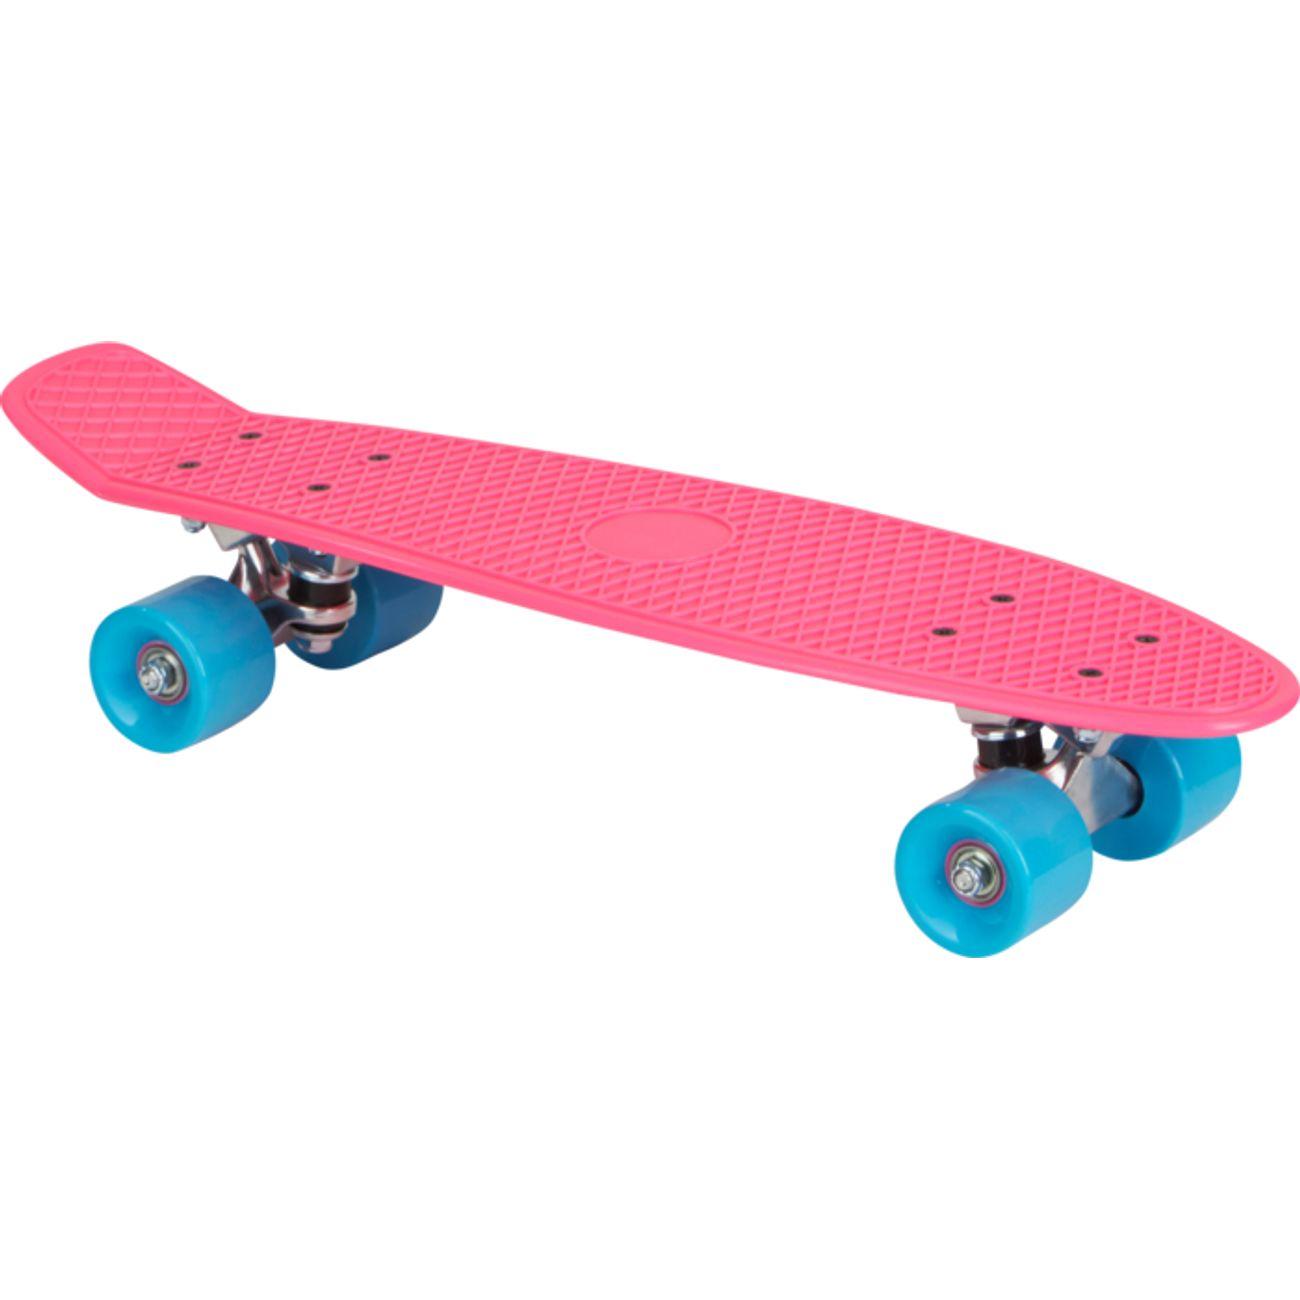 SKATE Skate  UP2GLIDE VINTAGE 22 ROSE